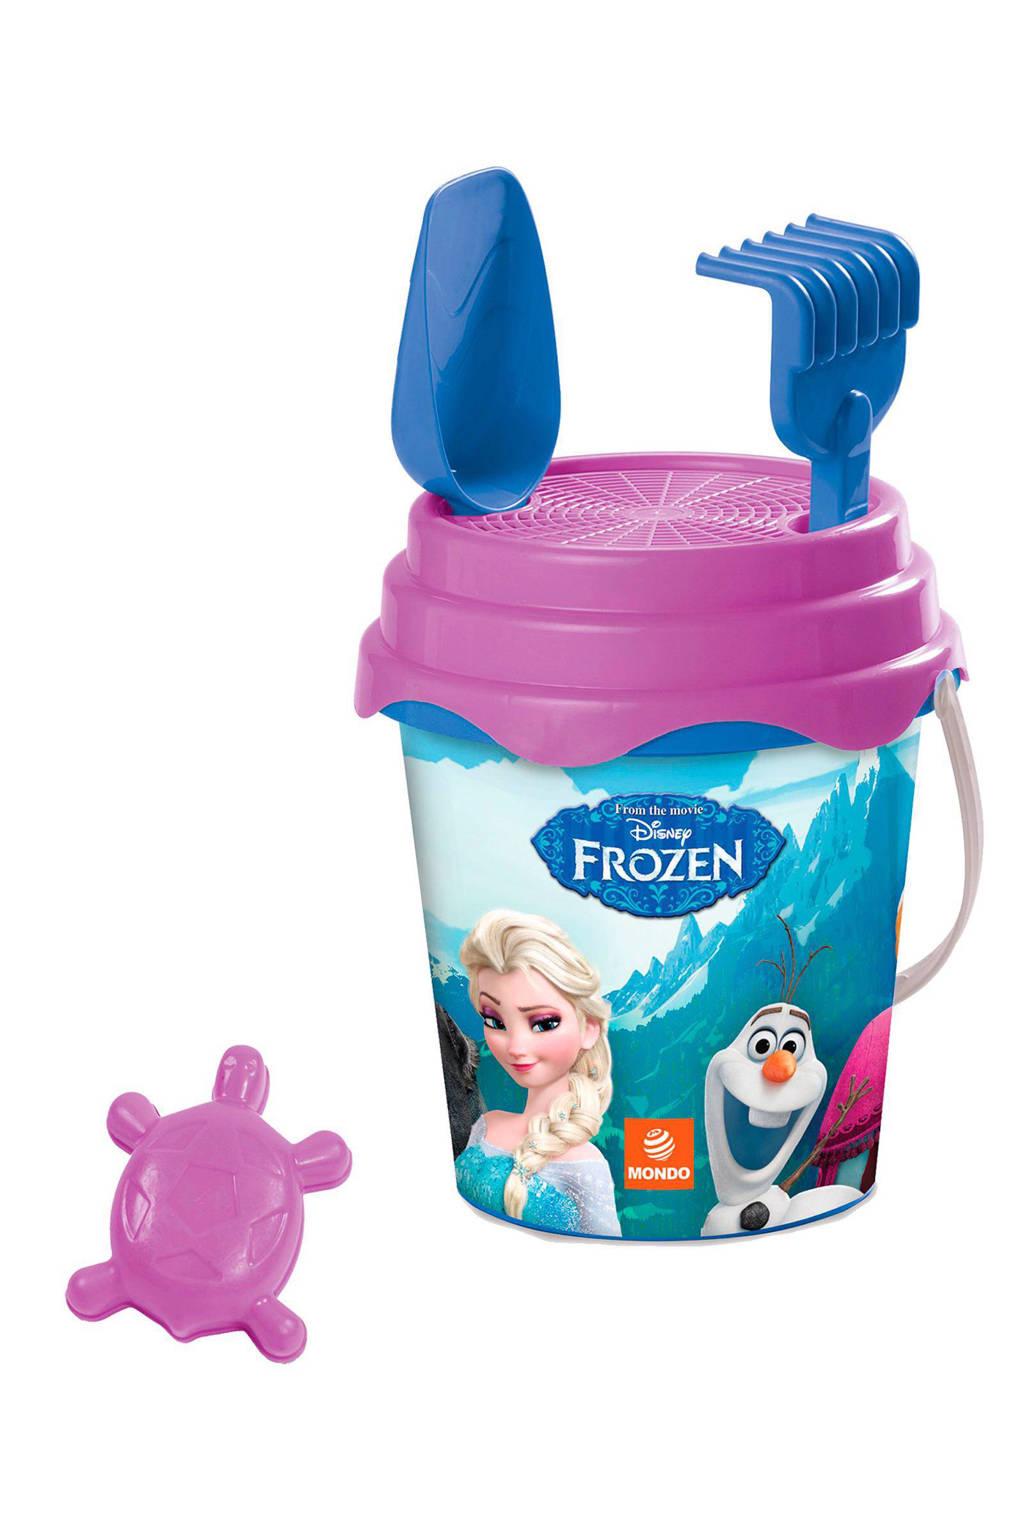 Disney Frozen 5-delige emmerset